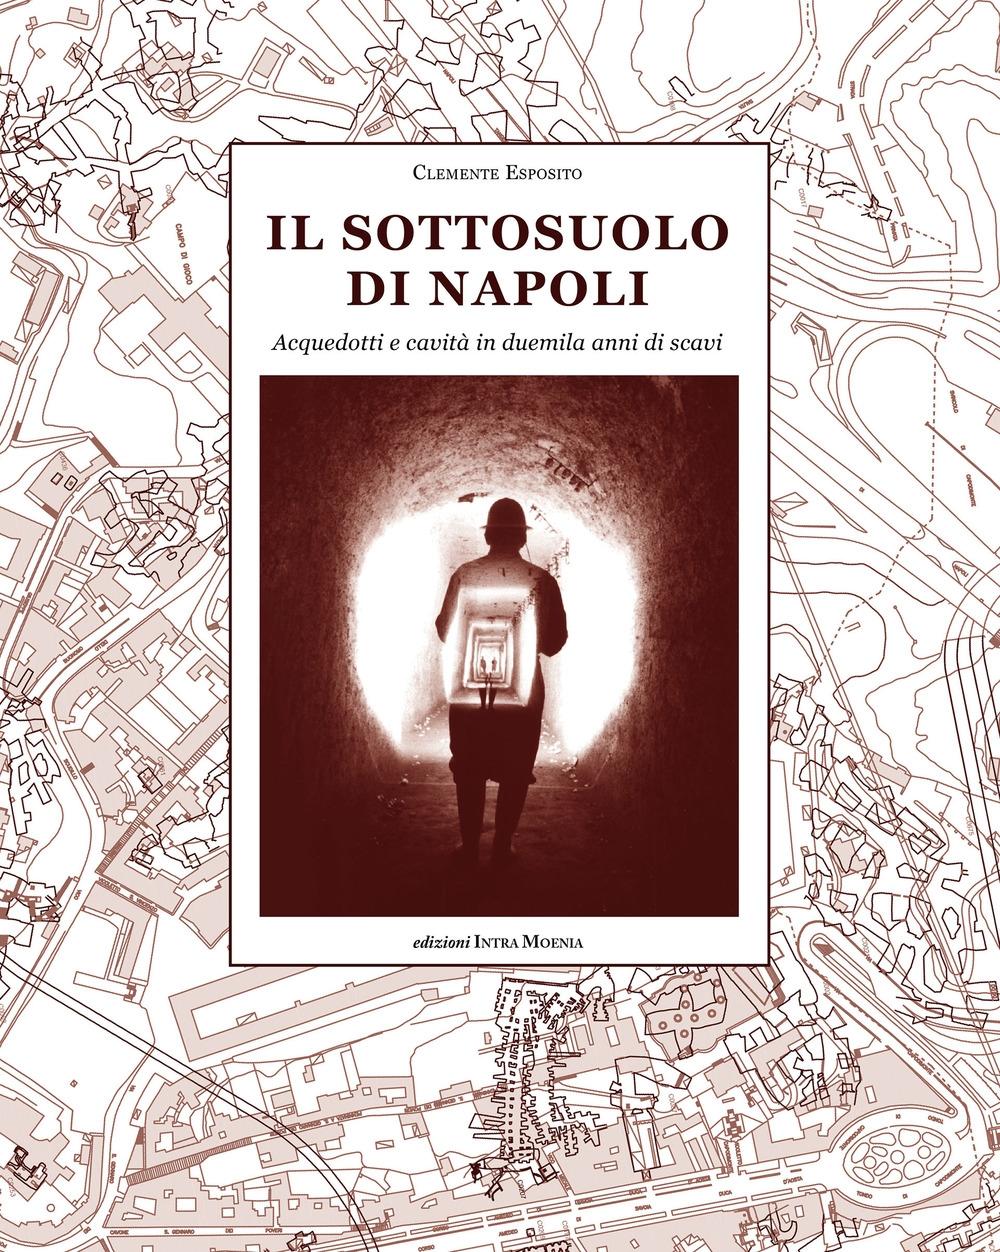 Il sottosuolo di Napoli. Acquedotti e cavità in duemila anni di scavi